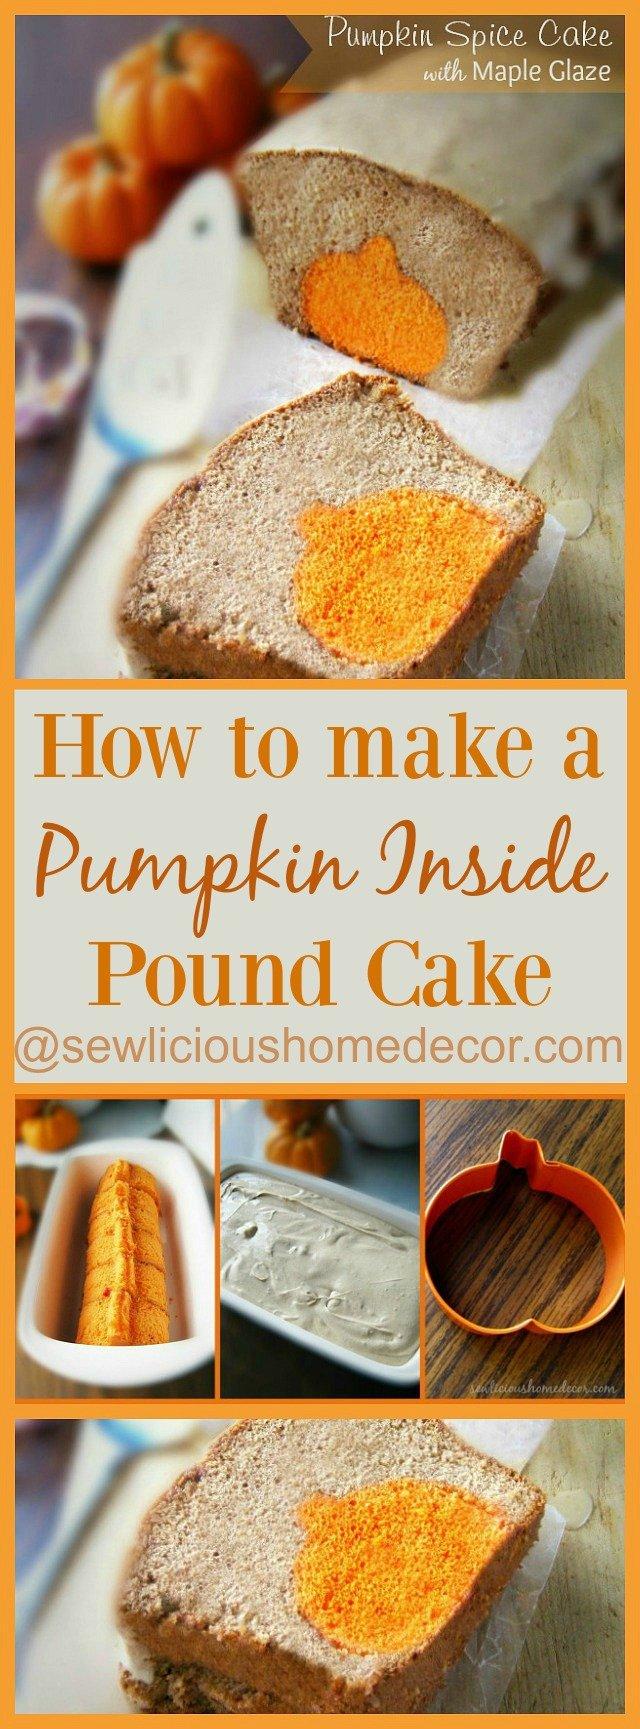 How To Make A Pumpkin Surprise Inside Pound Cake sewlicioushomedecor.com